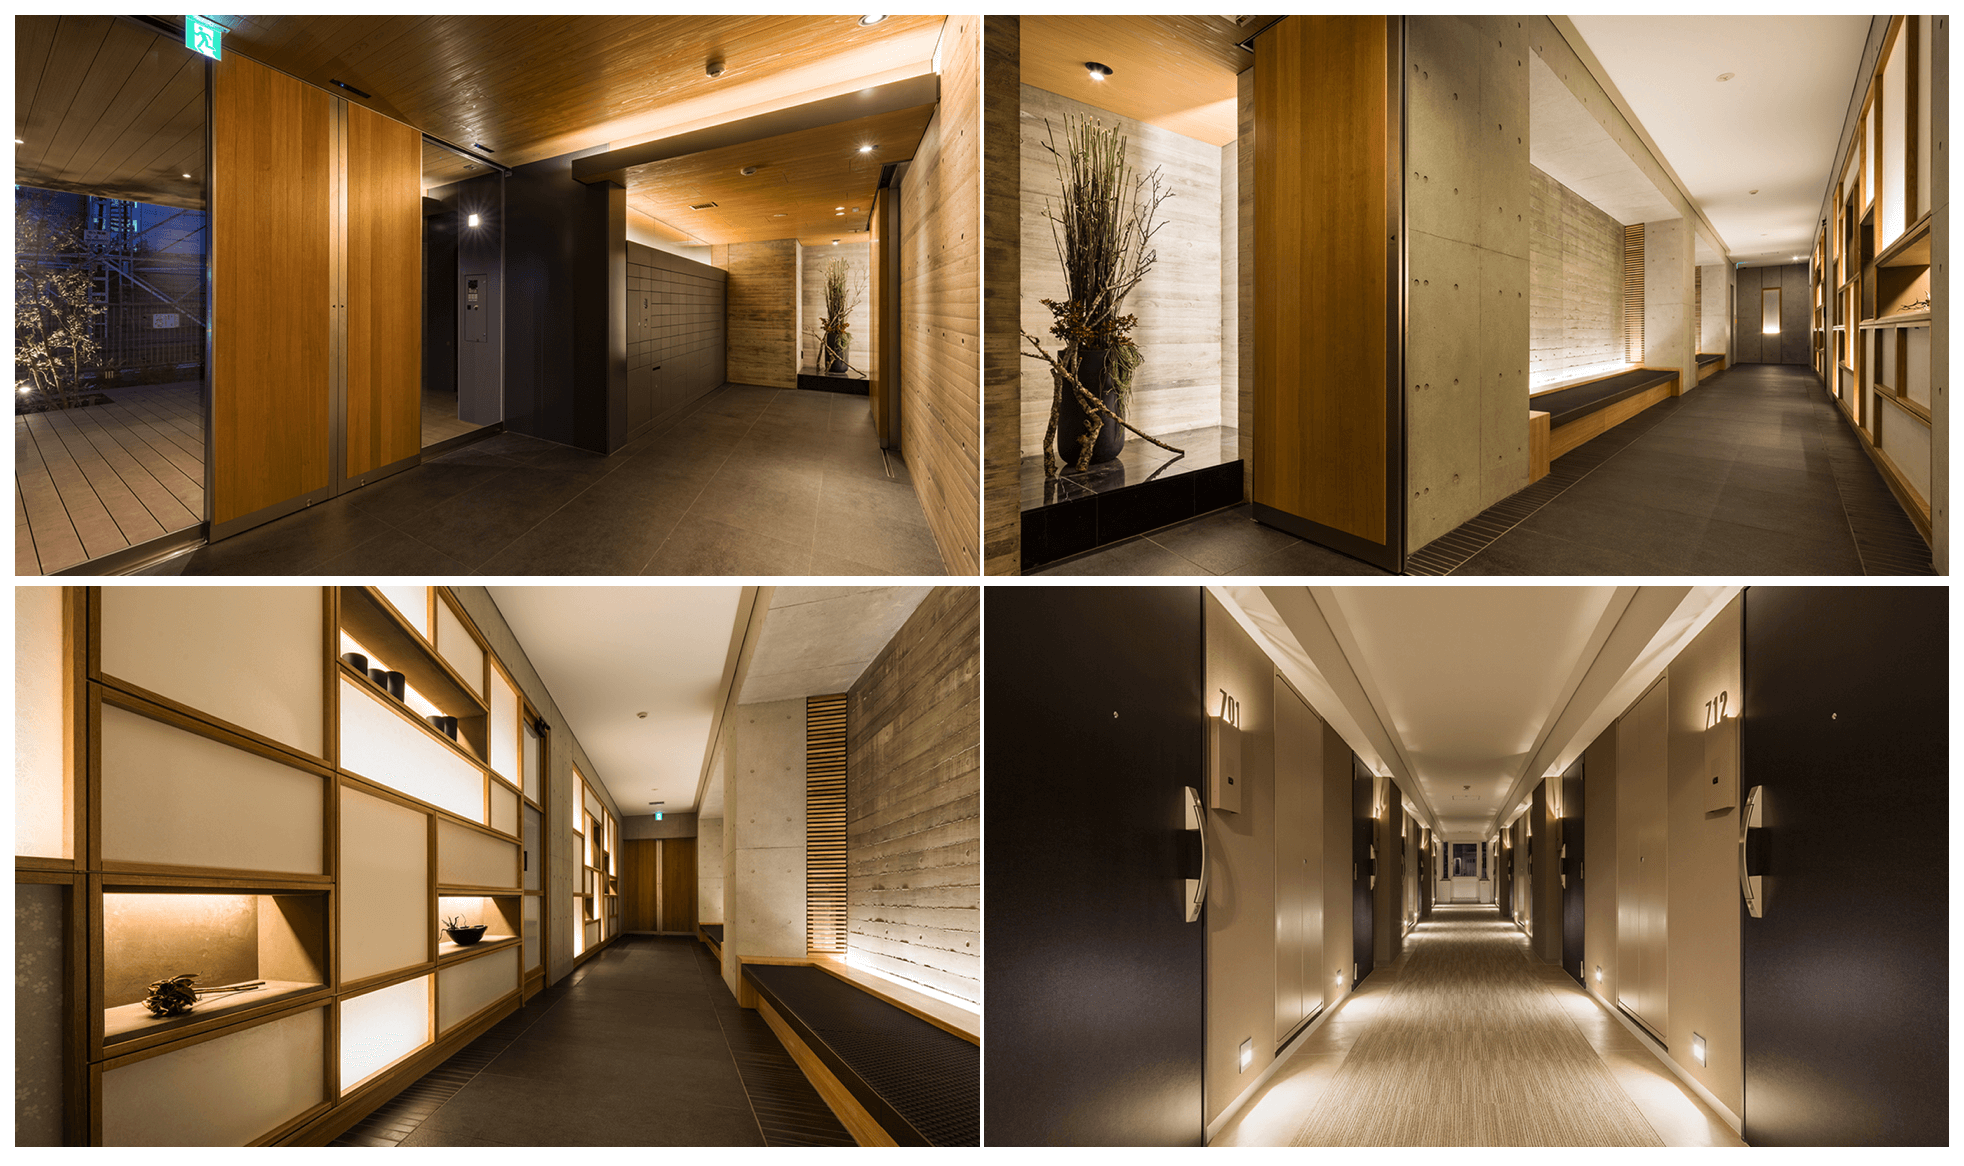 プラウドフラットの内廊下イメージ